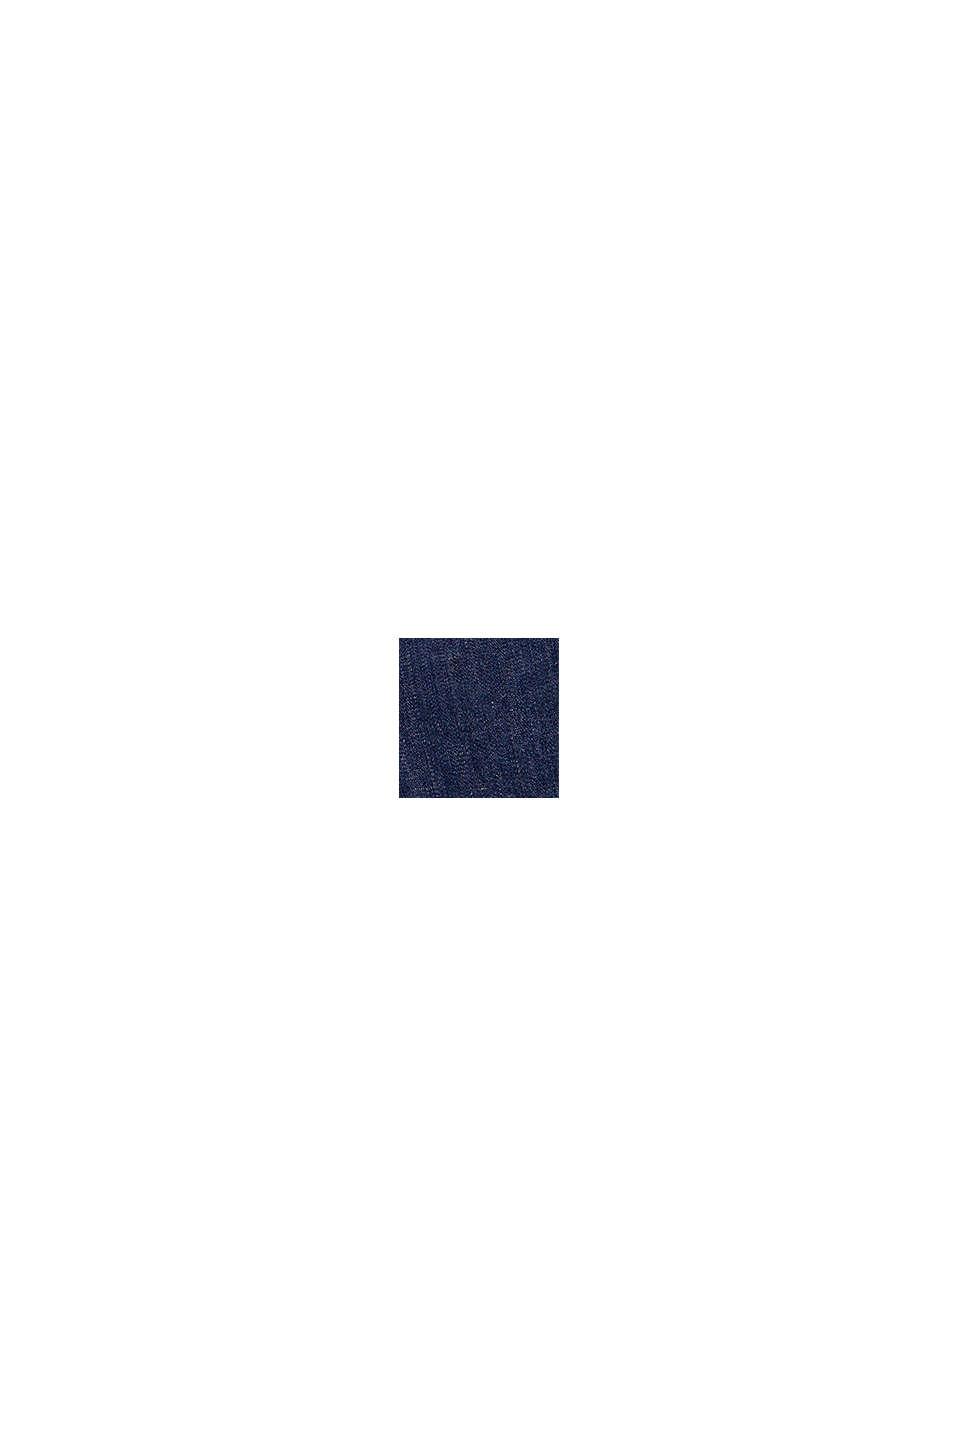 Shorts vaqueros de cintura alta, BLUE DARK WASH, swatch